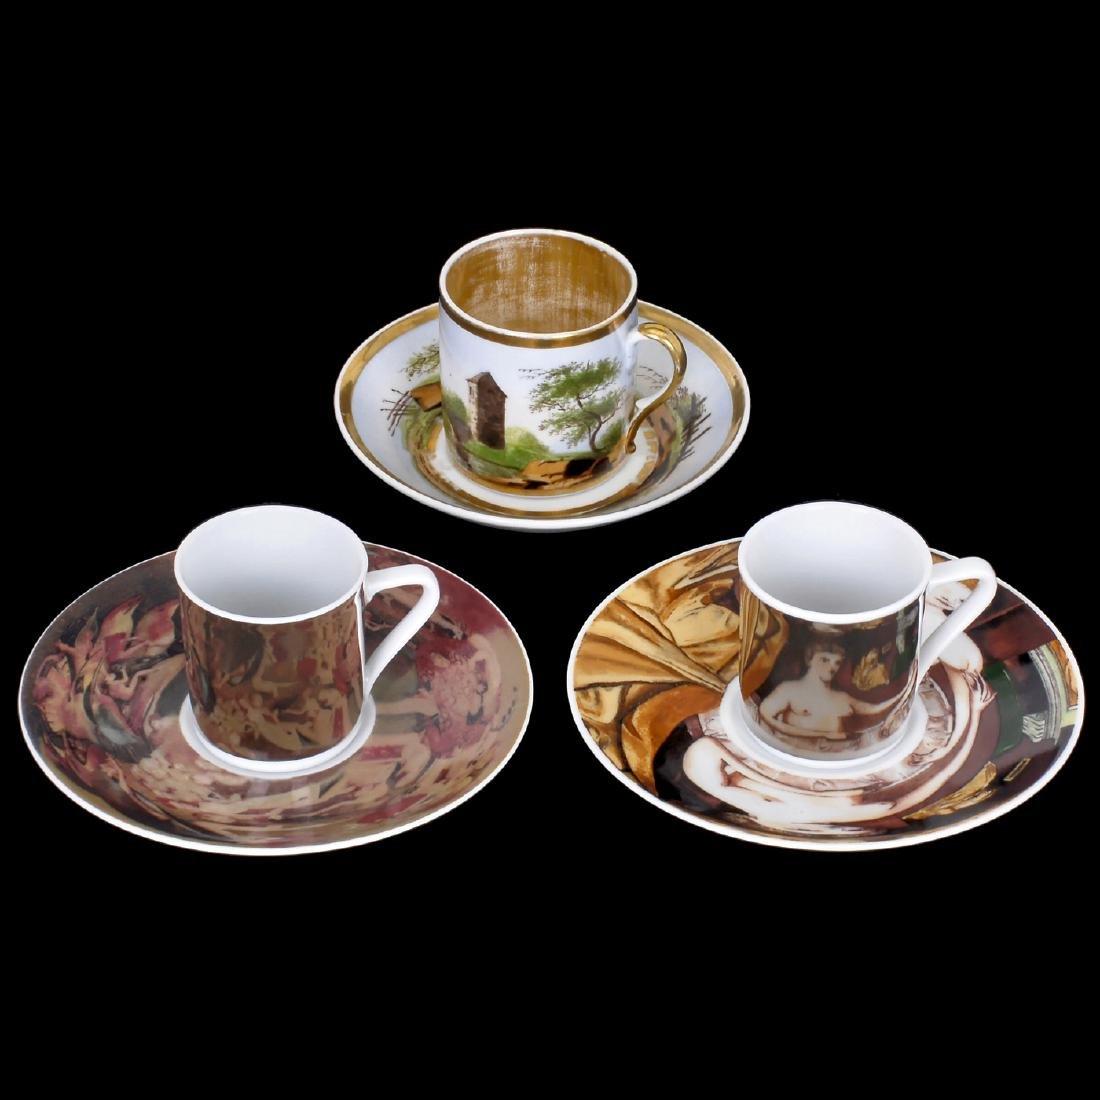 2 Anamorphic Mocha Cups